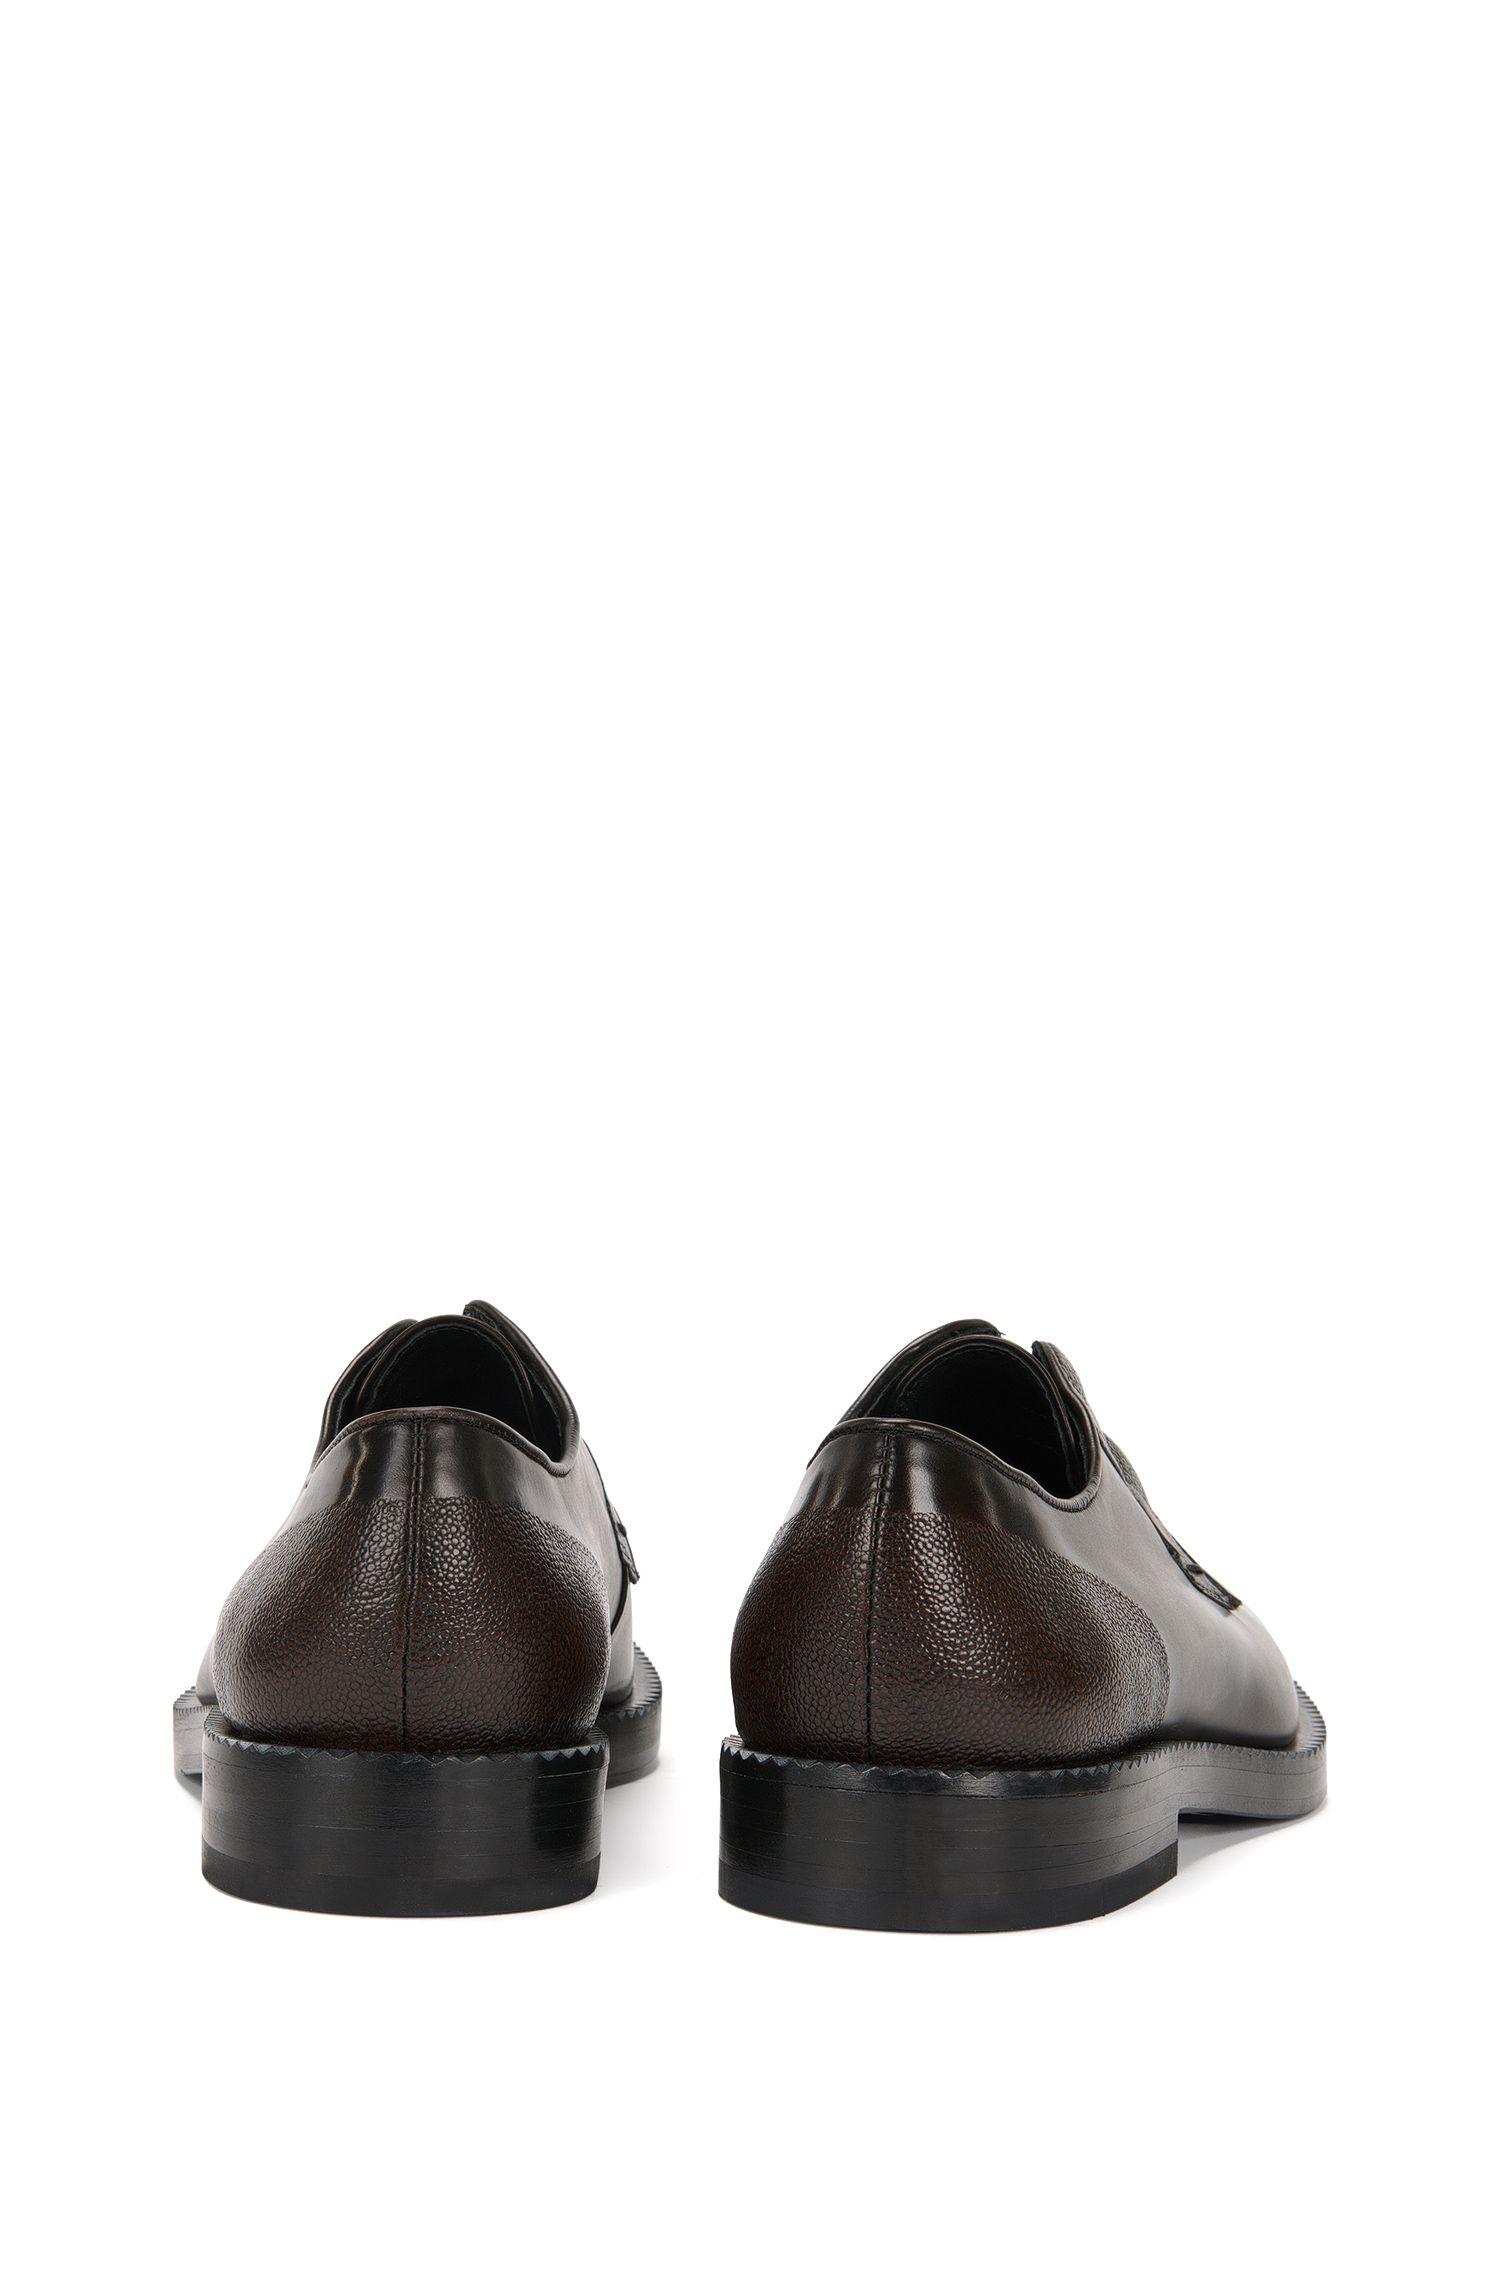 Chaussures à lacets en cuir avec détail en cuir grené Scotchgrain: «Mono_Derb_mx»